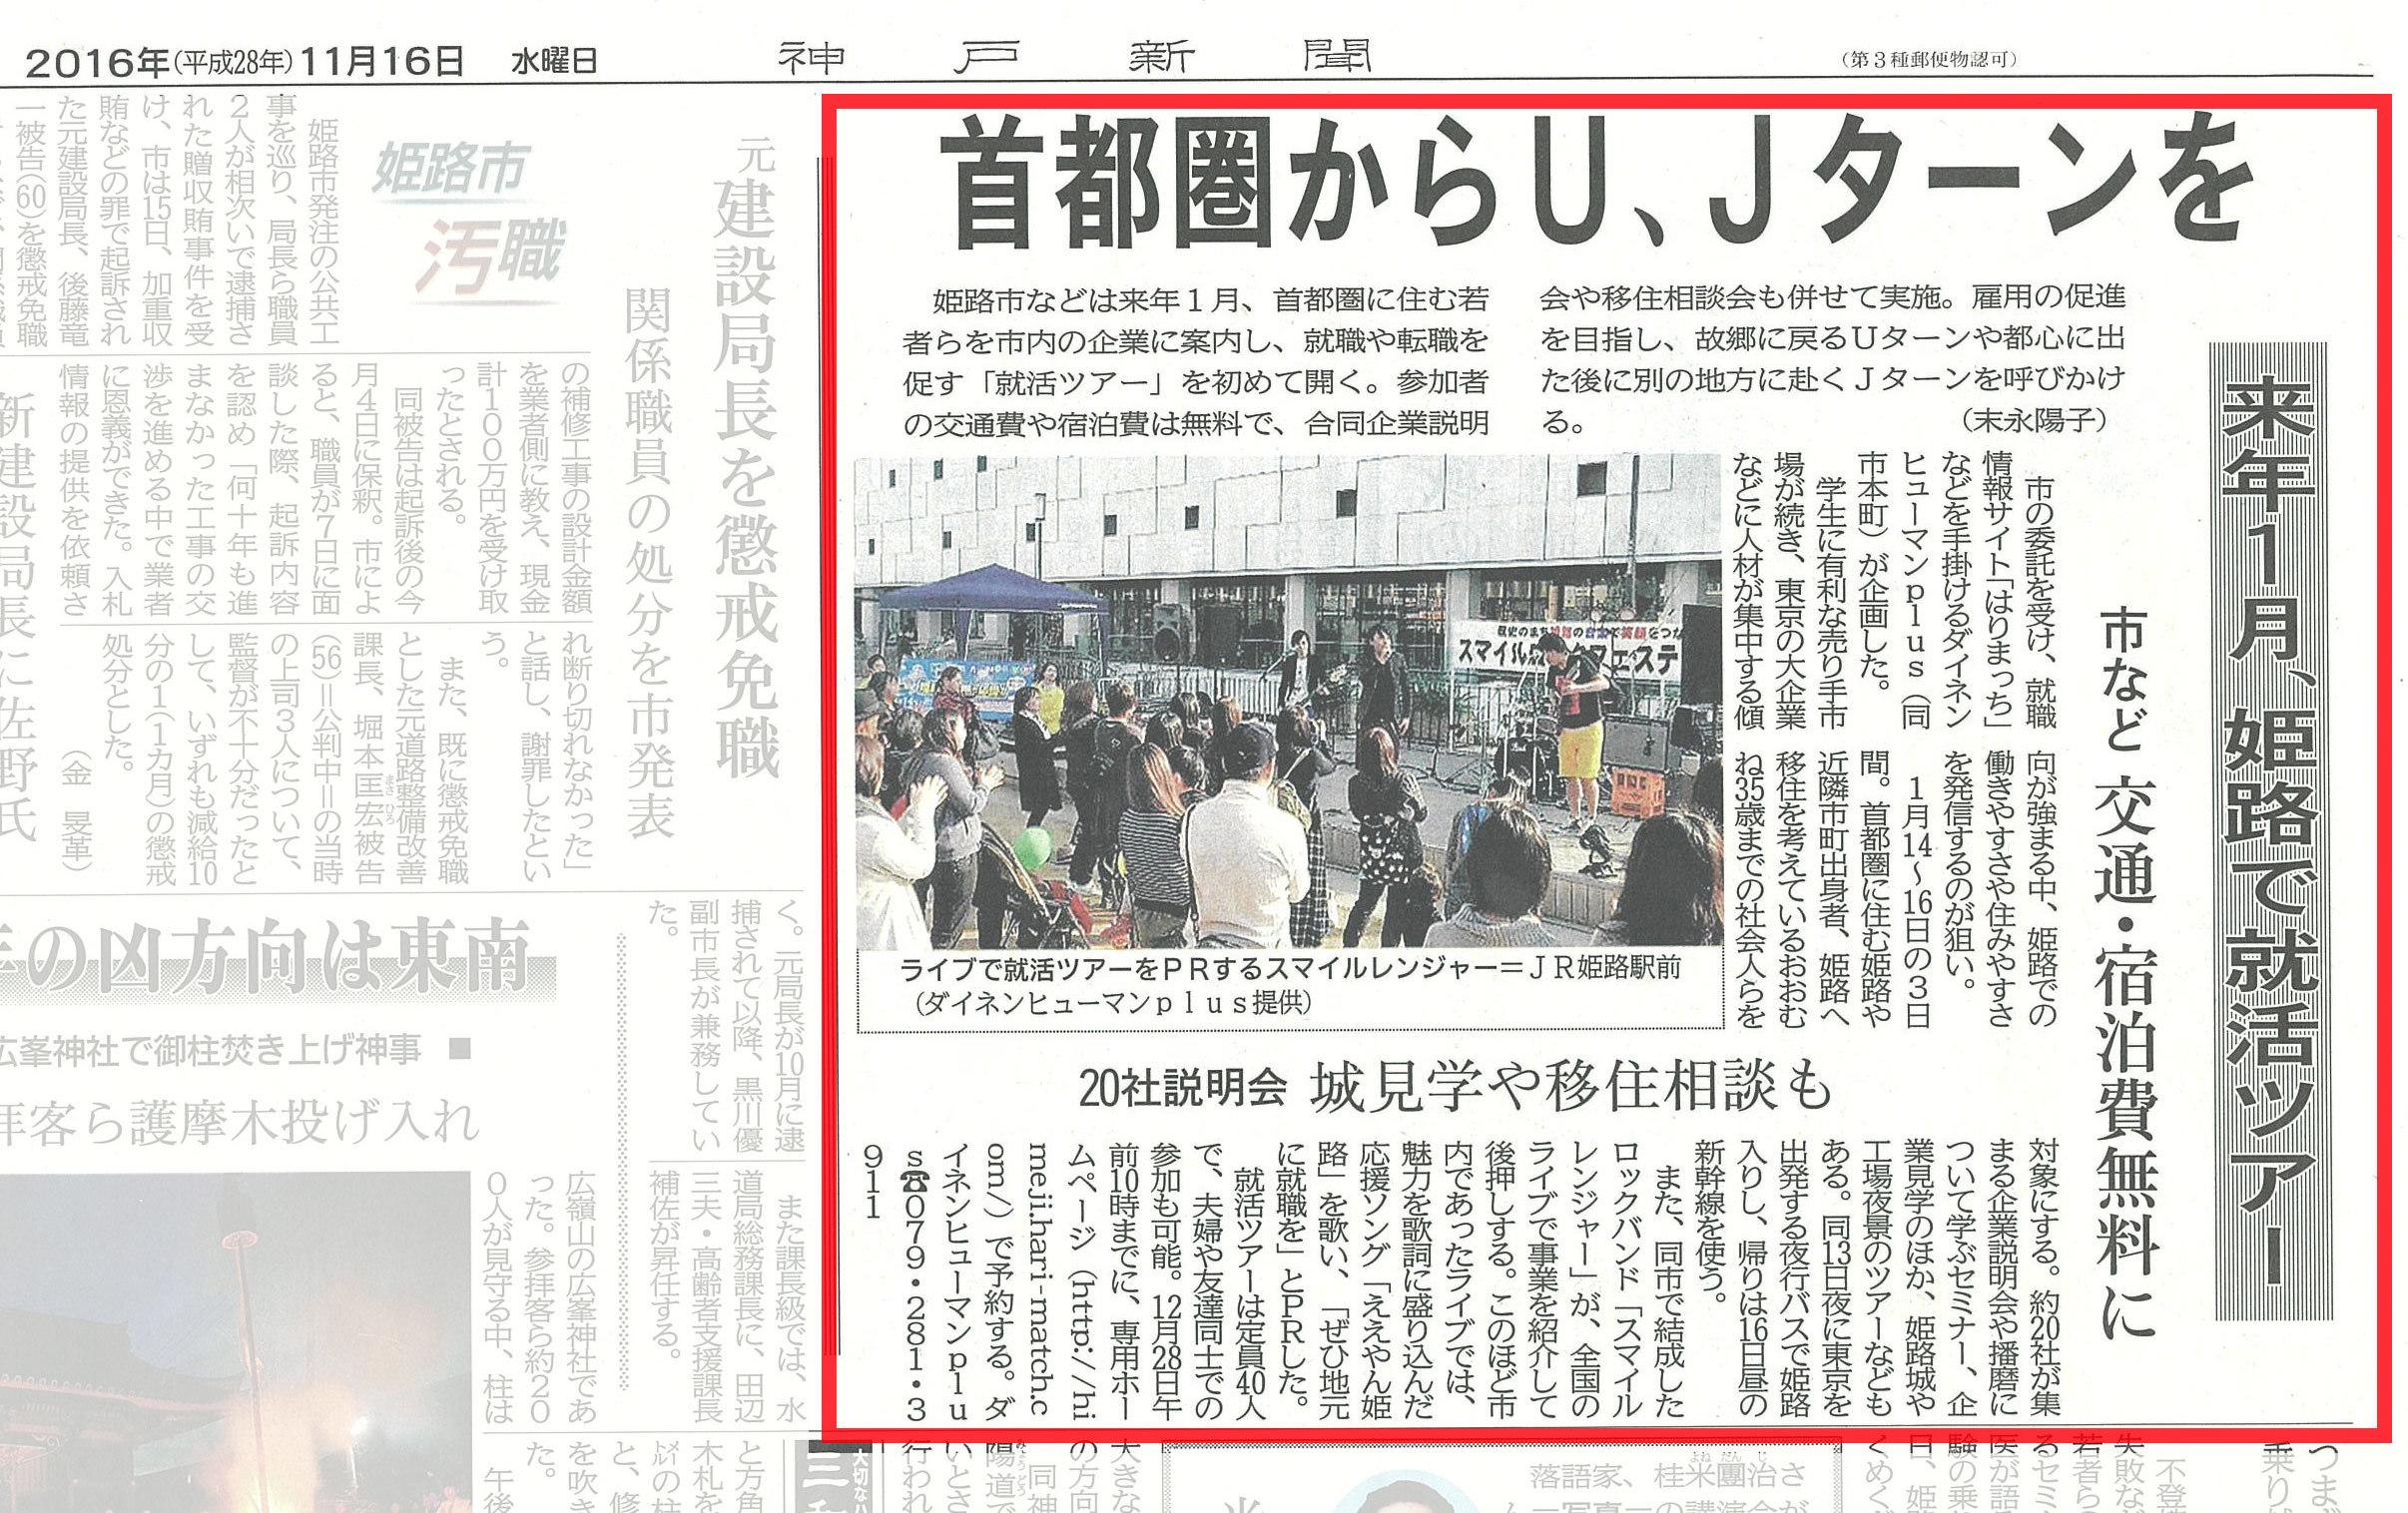 神戸 新聞 事業 社